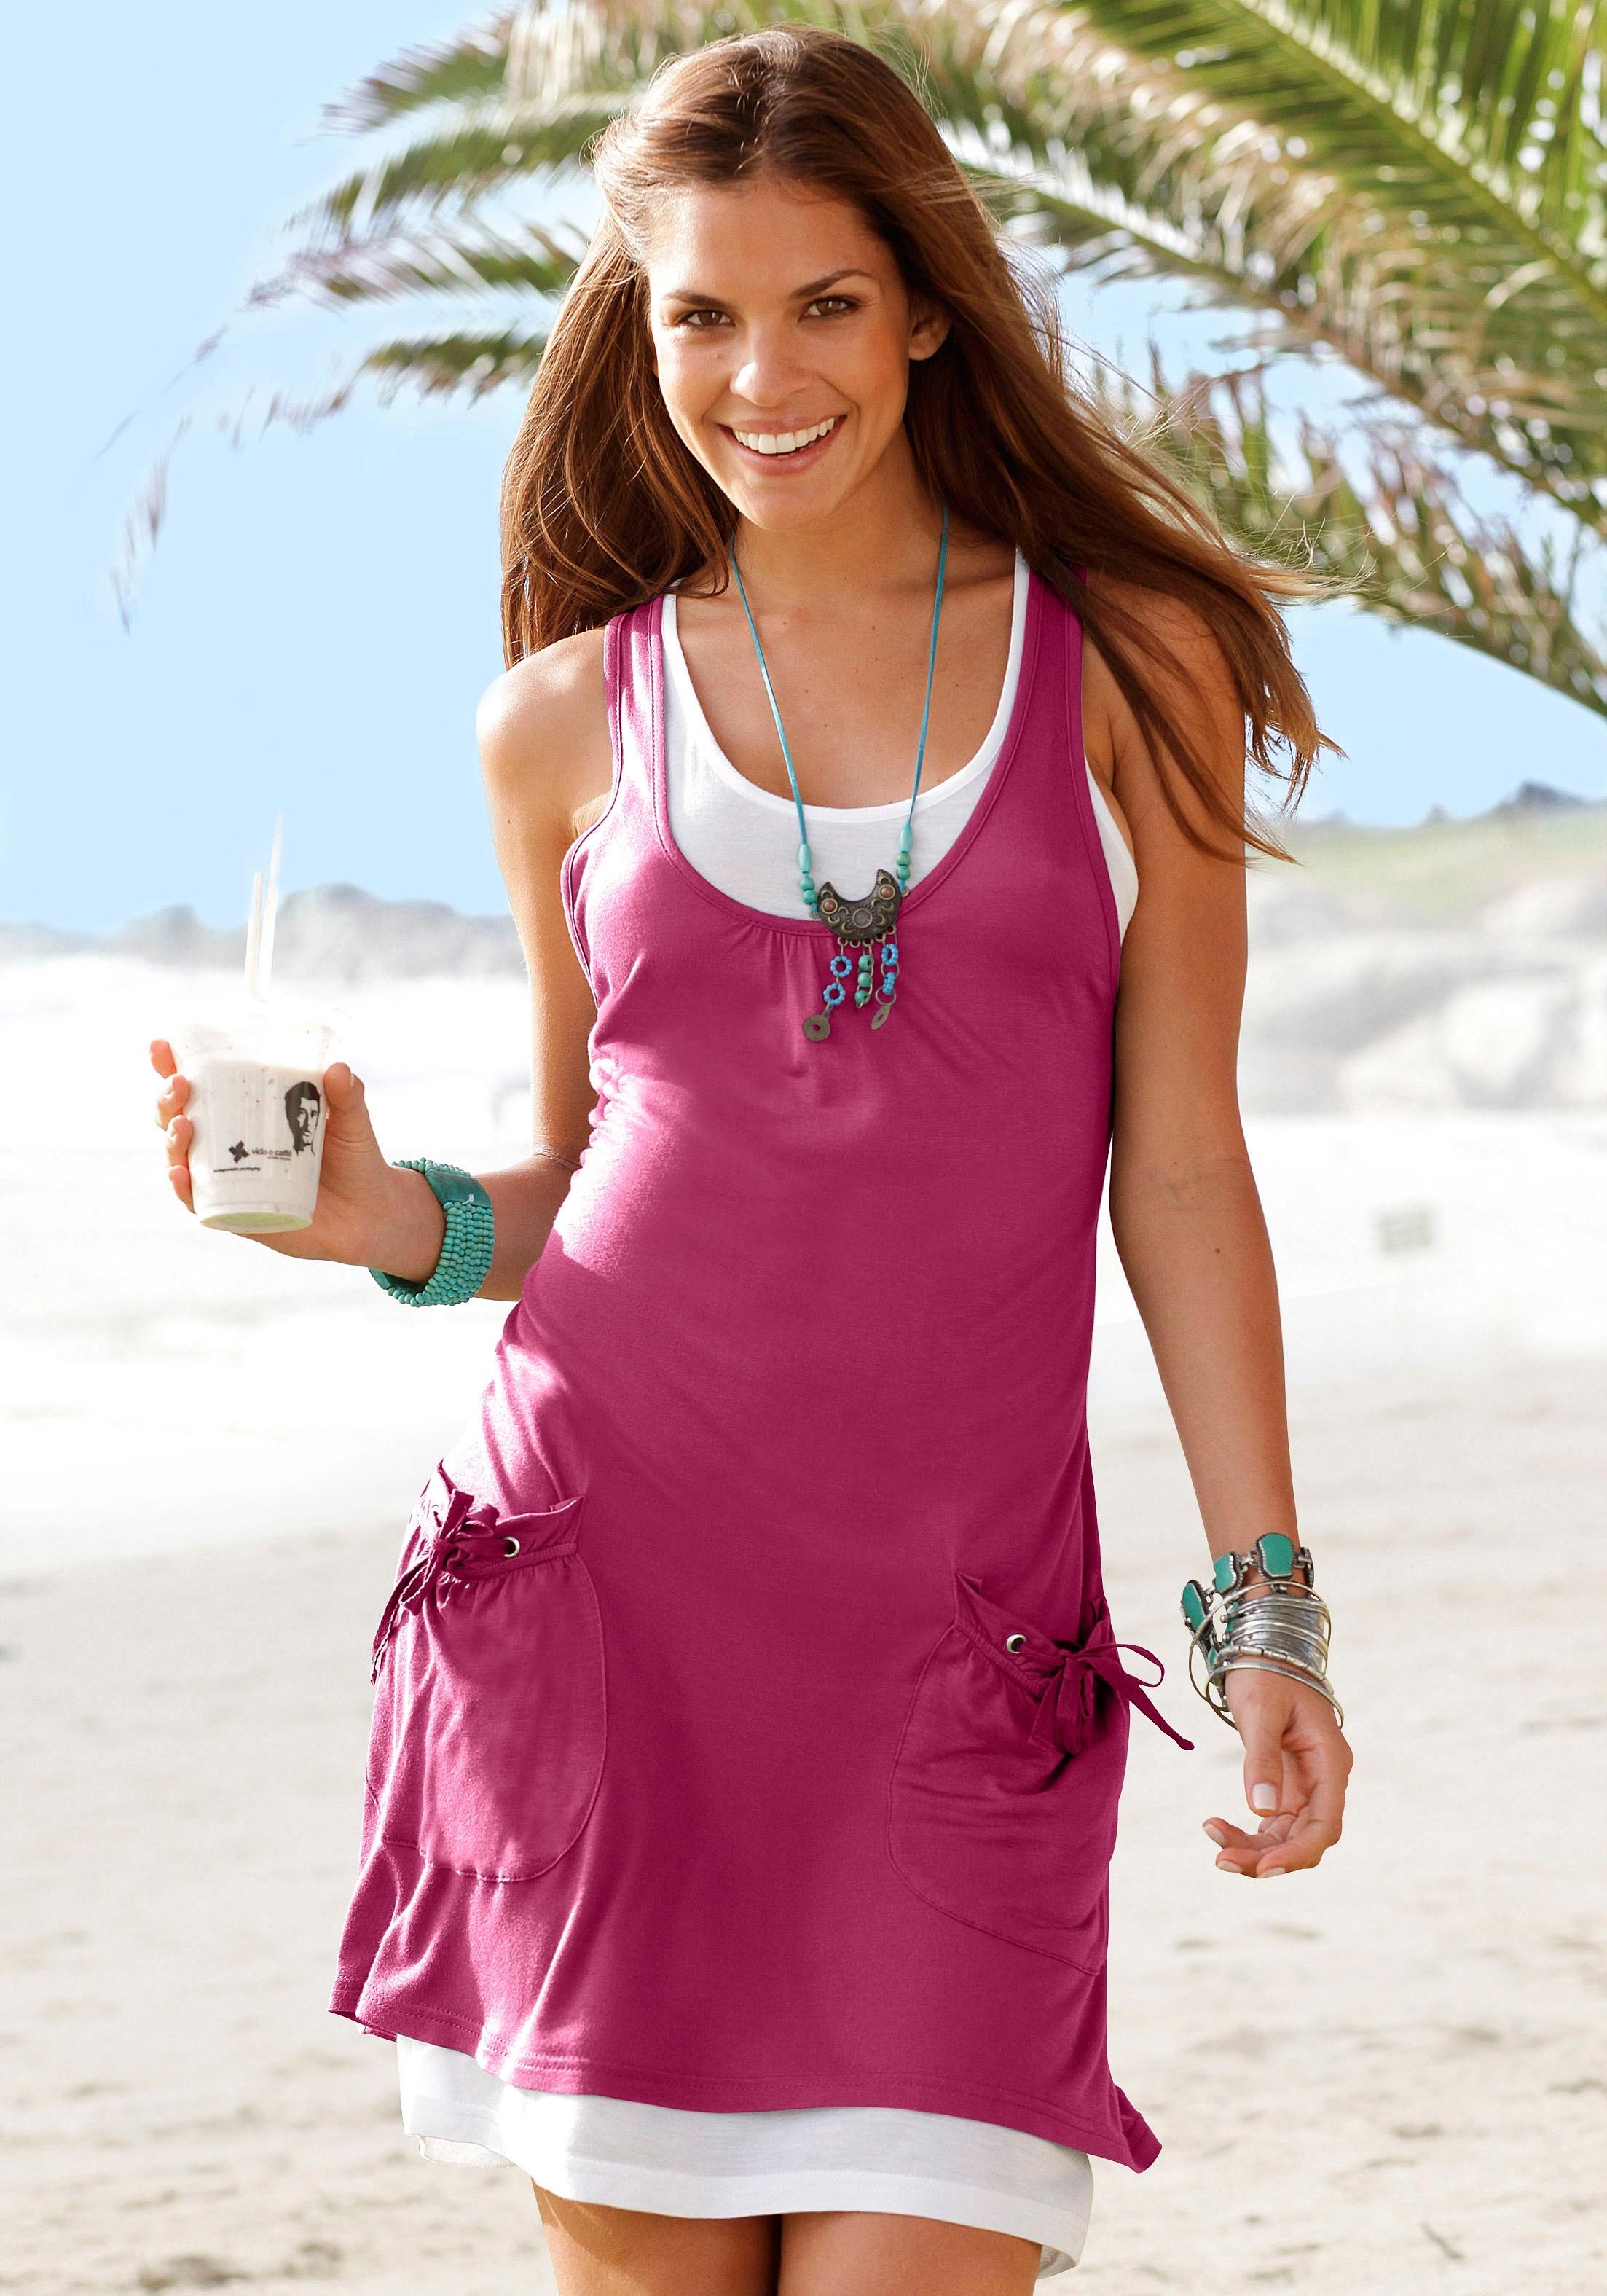 Beachtime strandjurk in laagjes look nu online kopen bij OTTO